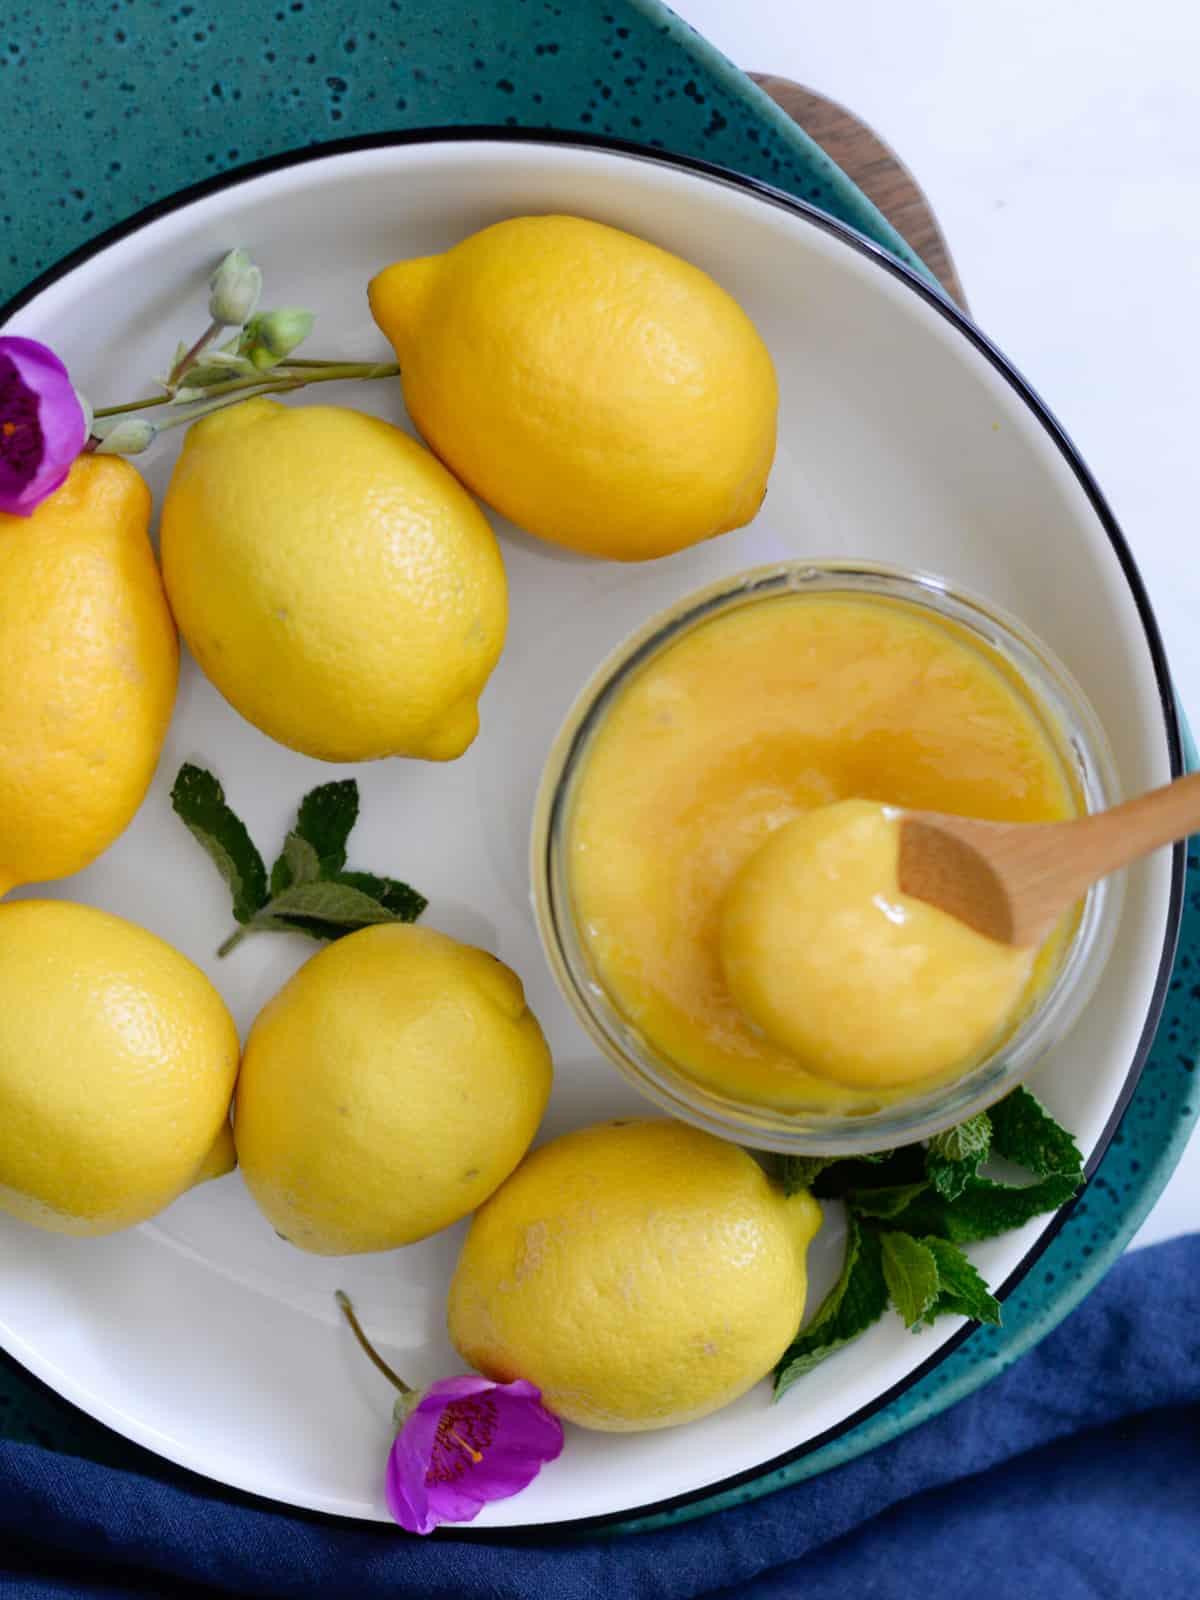 homemade meyer lemon curd with fresh lemons